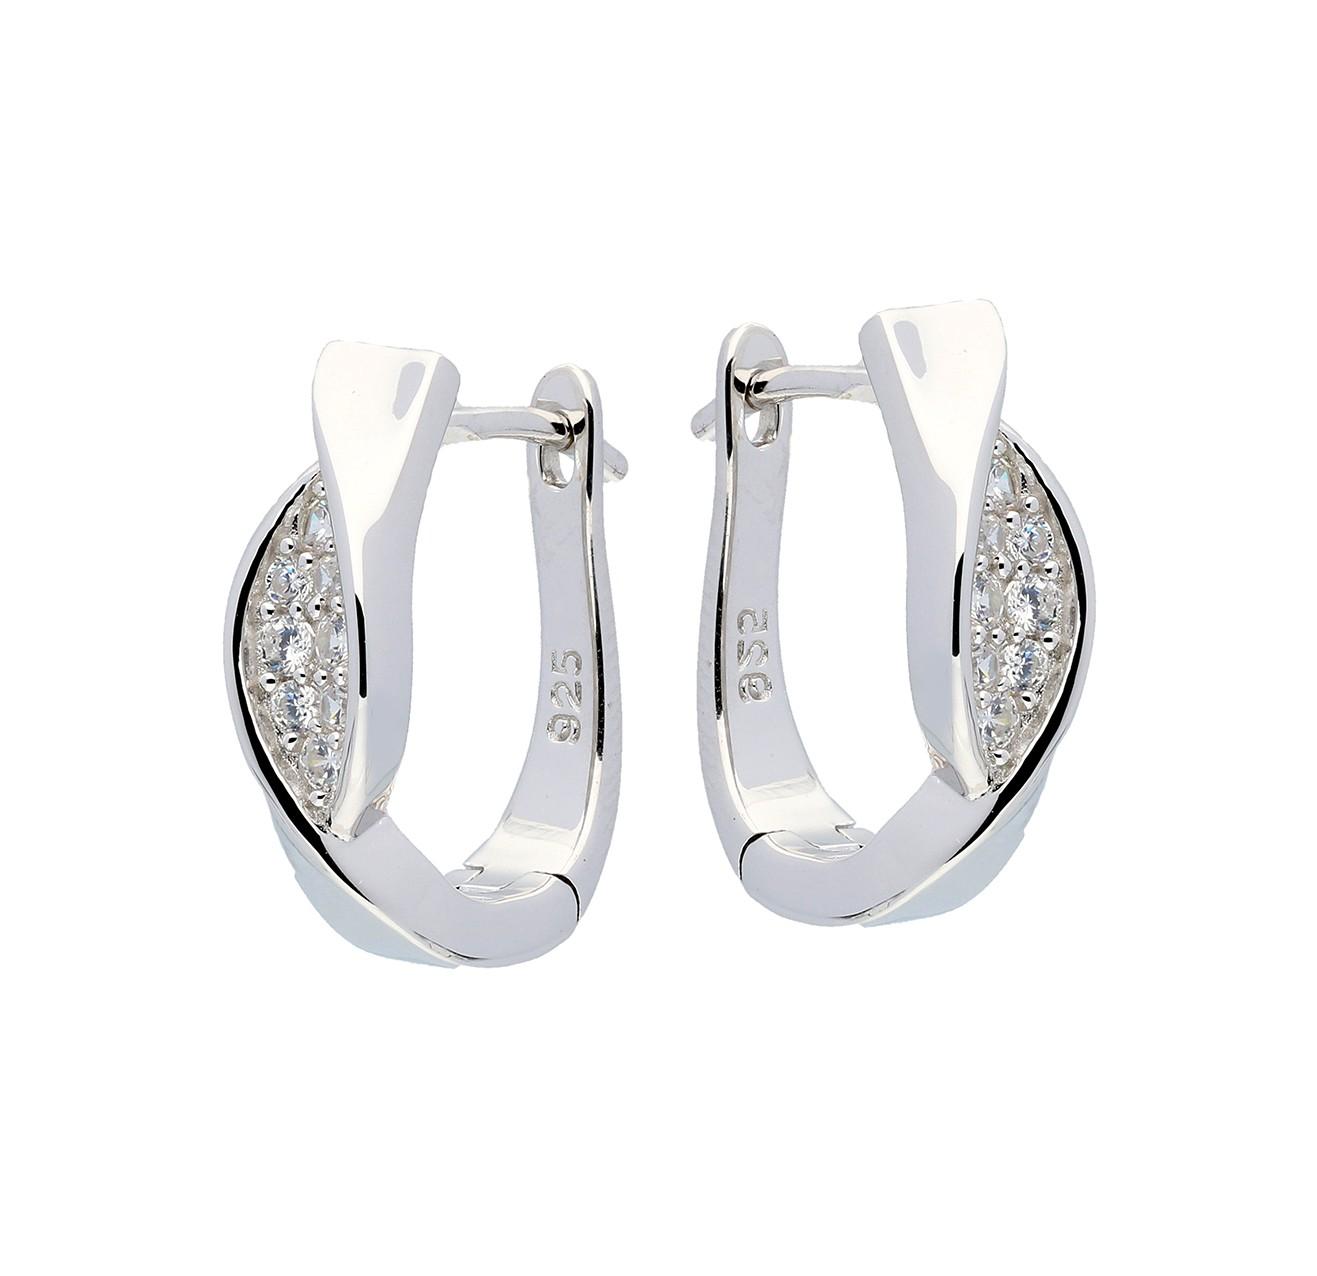 Elegance Zilveren oorbellen met zirconia 107.6200.00